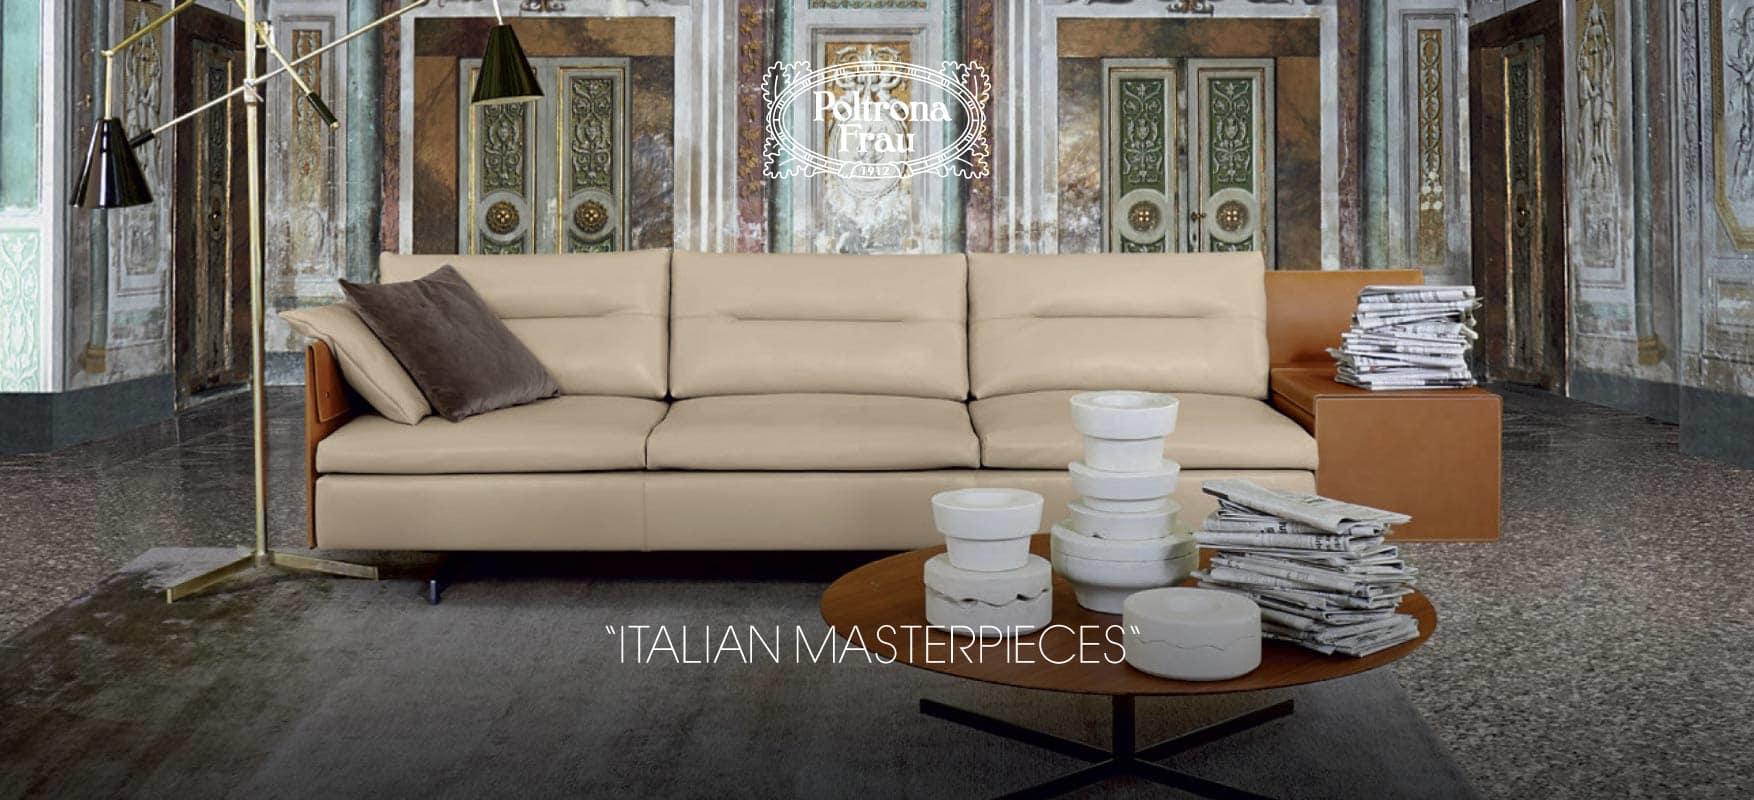 Lo shop online per il design e l 39 arredamento for Arredamento outlet on line